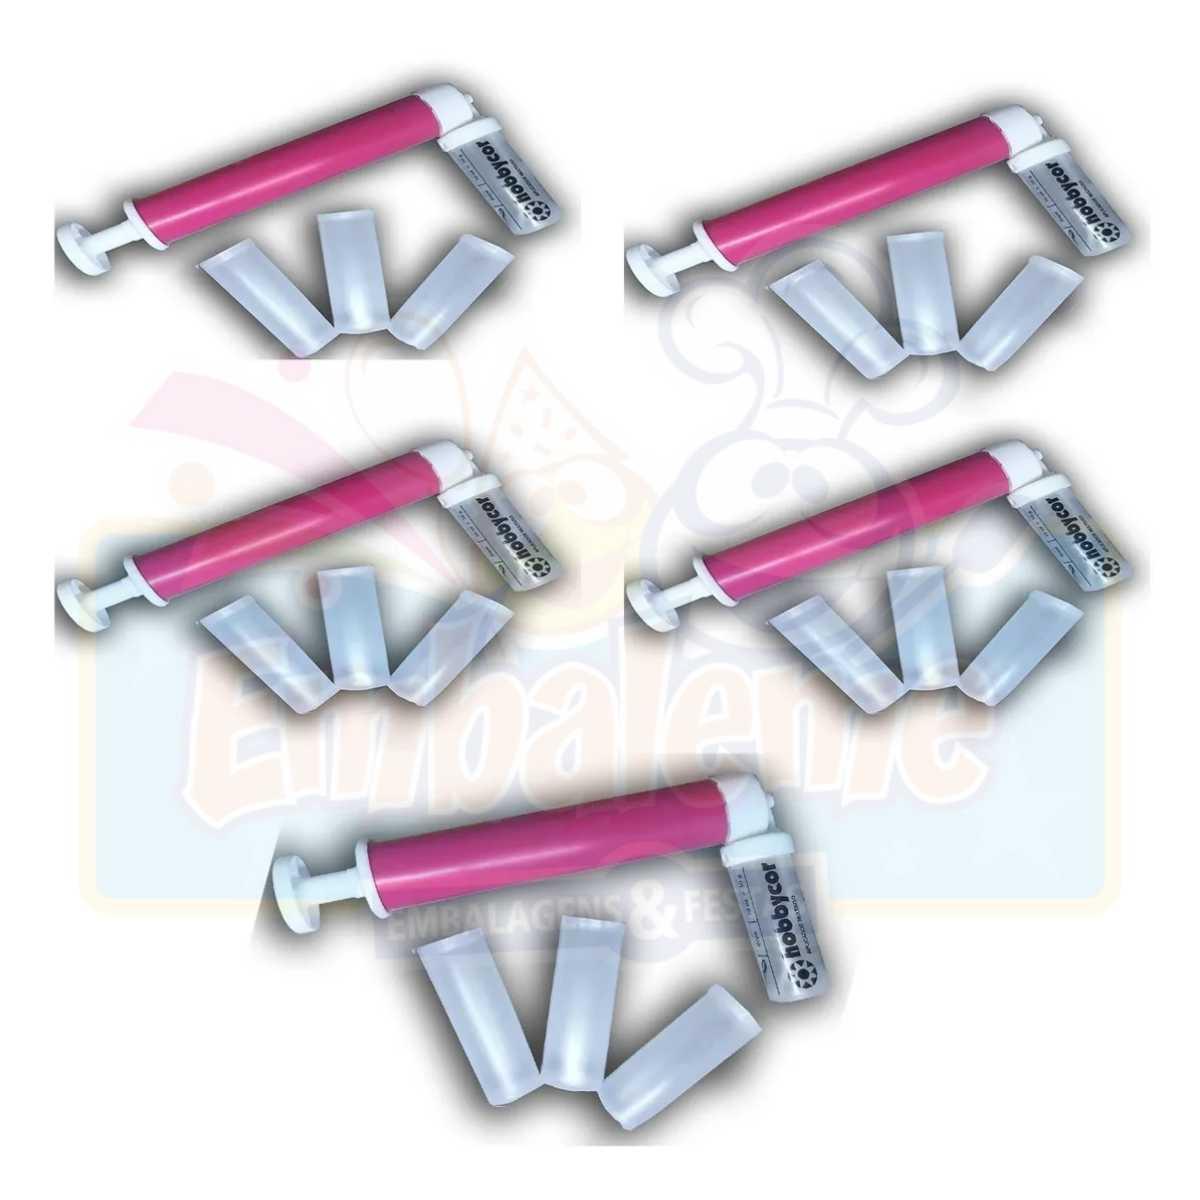 Kit 5 Pulverizador Bombinha Glitter Decoração Bolo Hobbycor